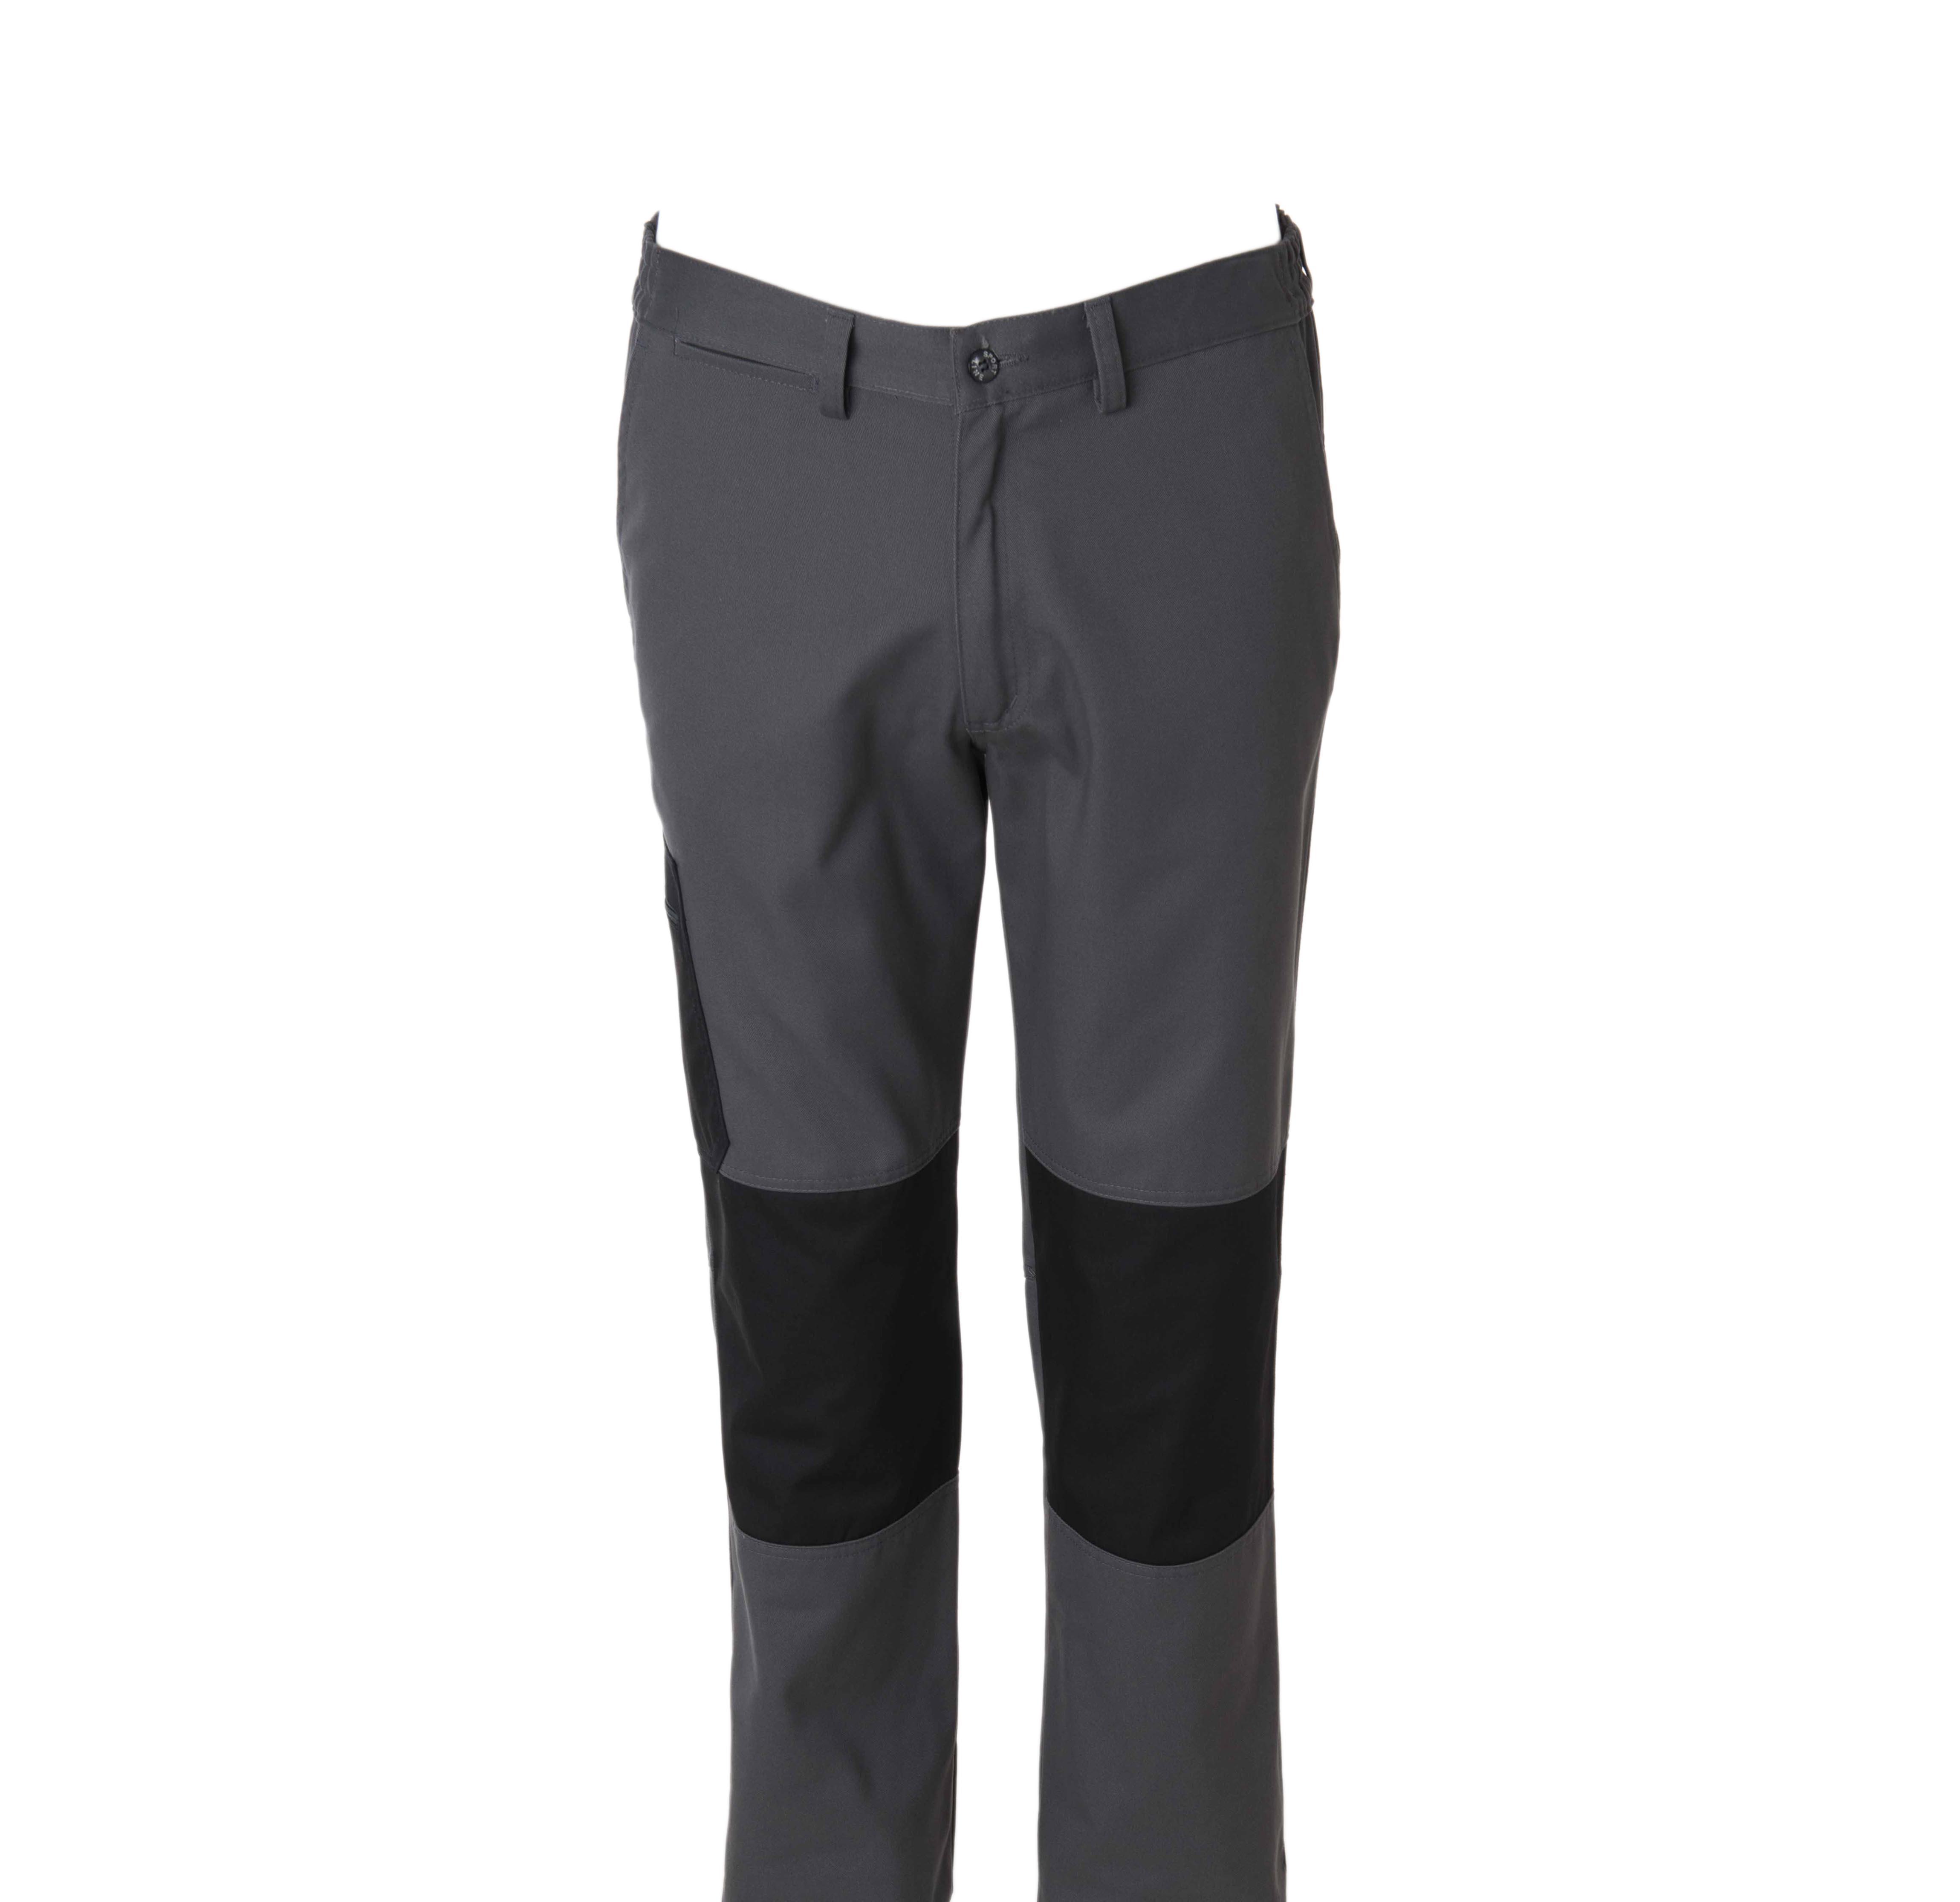 7bc49d2f18 Pantalón multibolsillo Aneto Air Contraste de Blaper para senderismo ...